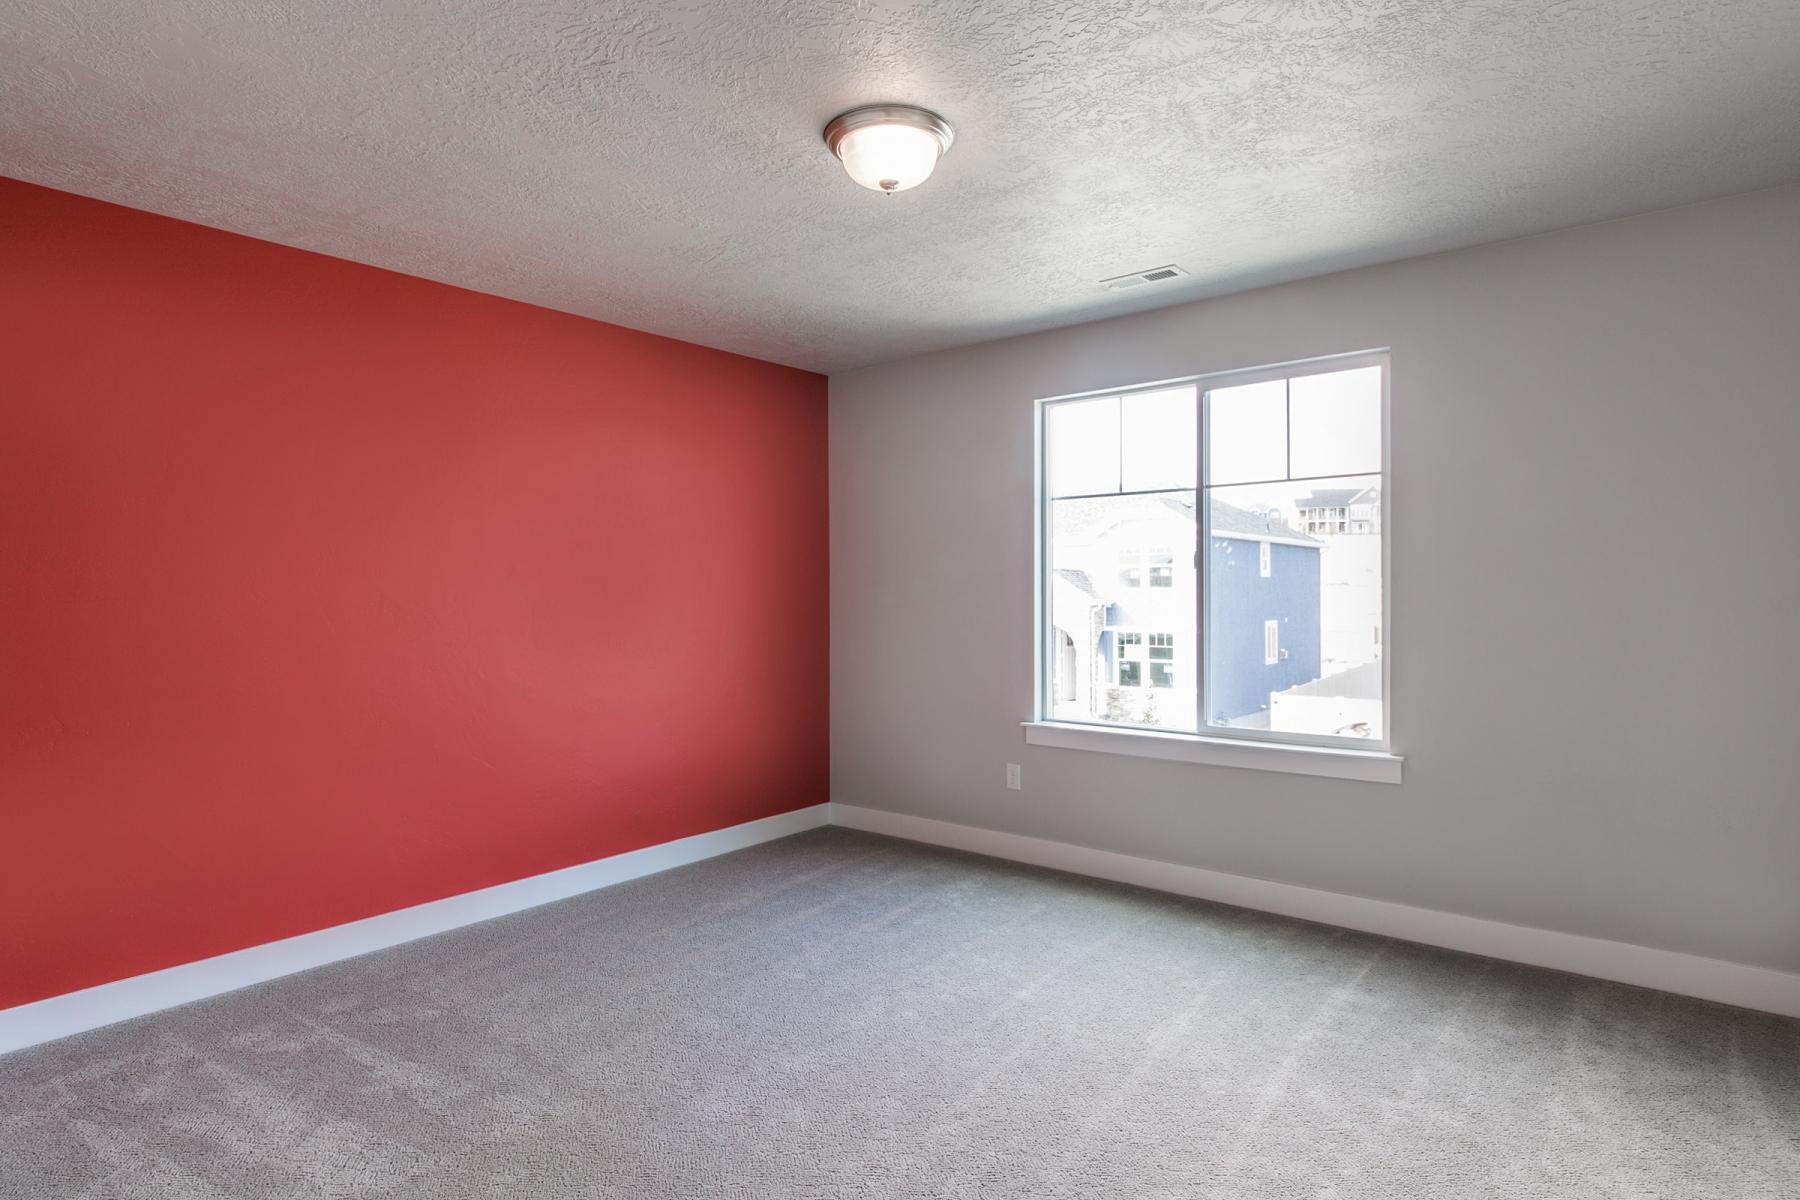 Bedroom-01_1800x1200_2517565